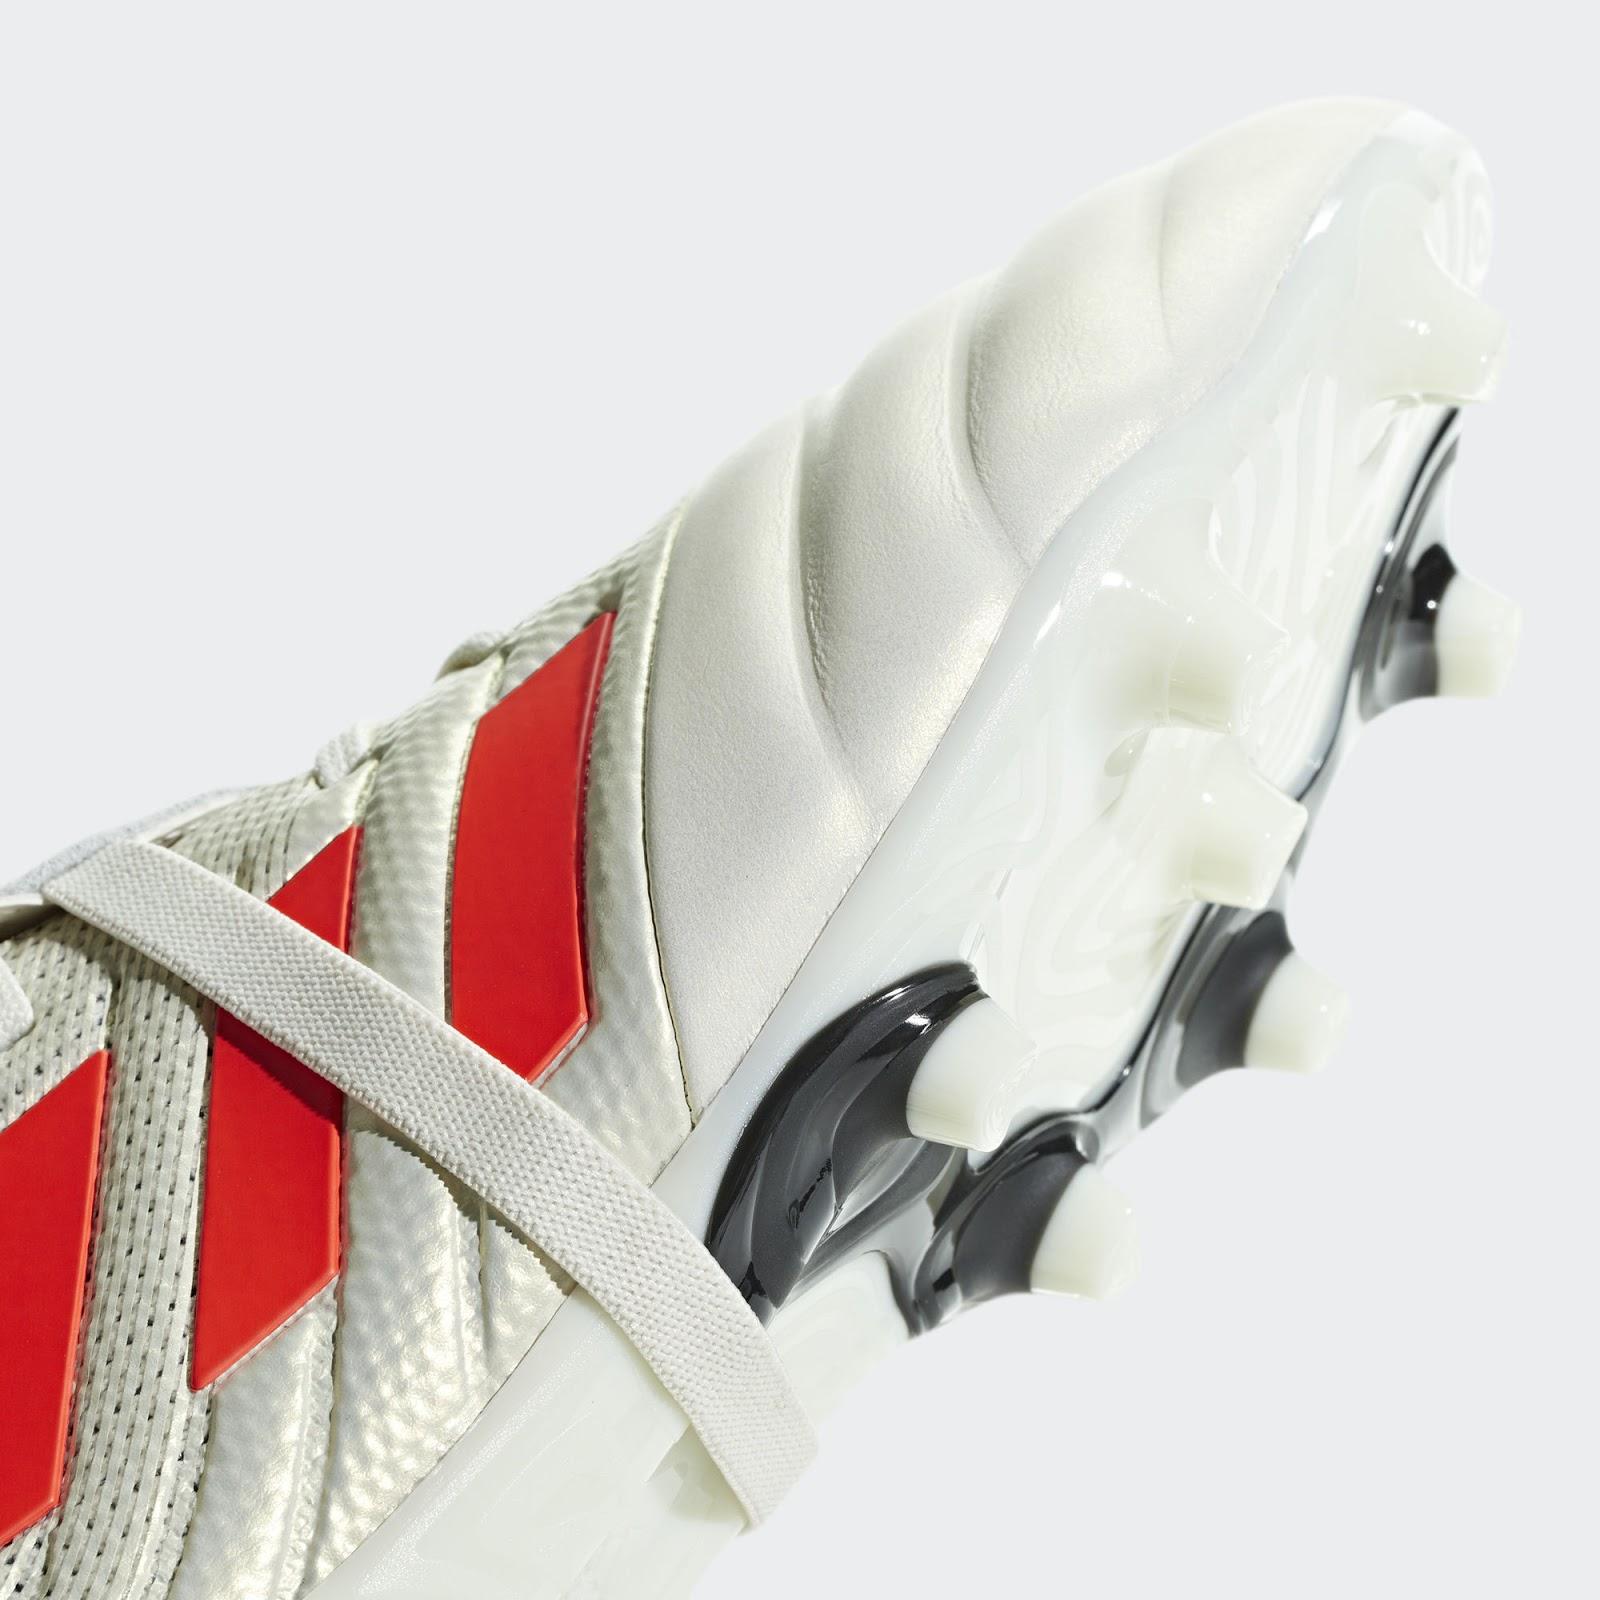 Distribución acción Pulido  Return of The Tongue - Classy Adidas Copa Gloro 19 Boots Released - Footy  Headlines